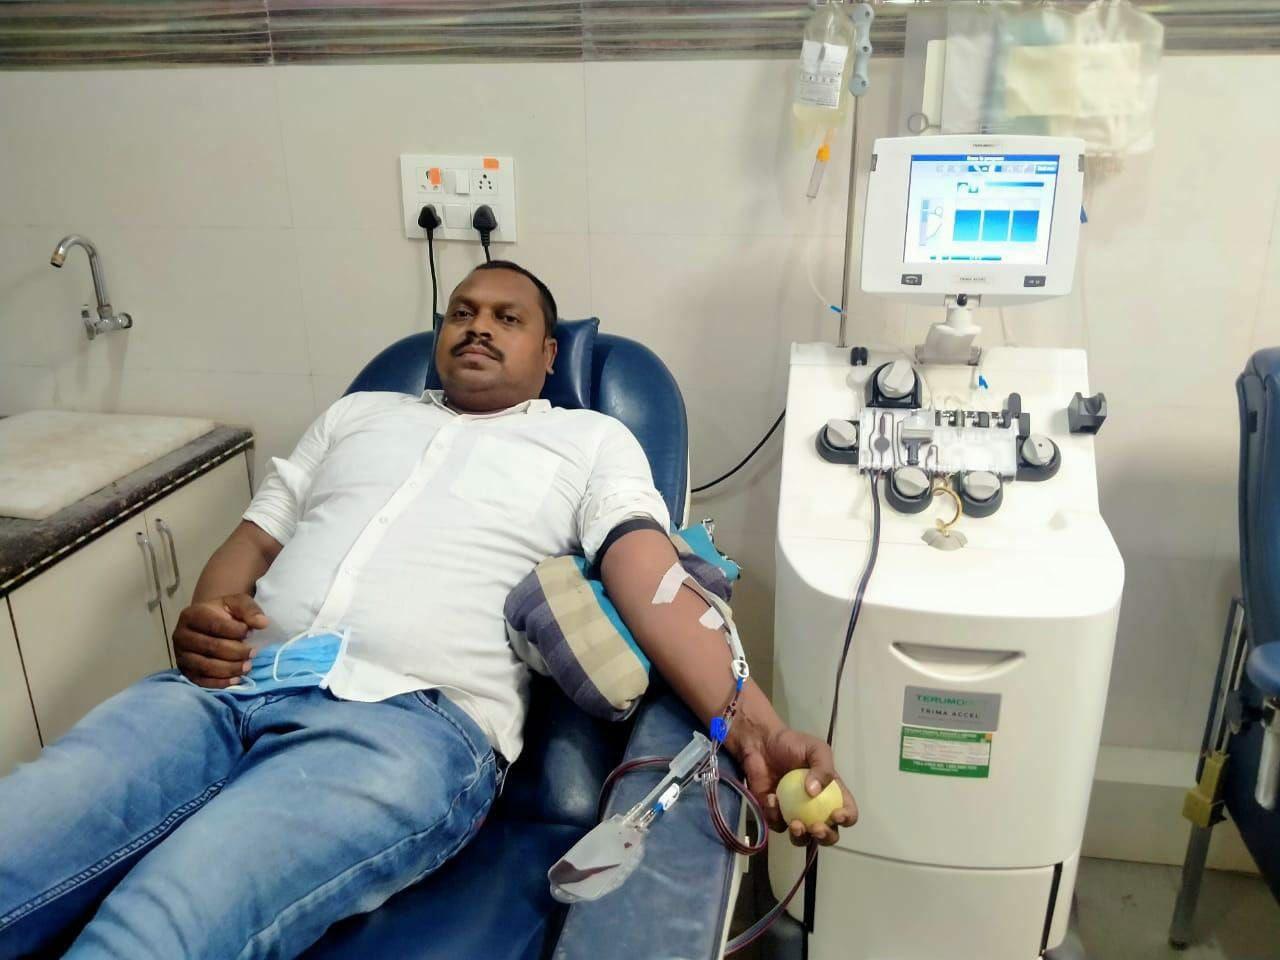 Corona virus in Jabalpur: पुलिस आरक्षक ने कोरोना से जीती जंग, प्रोफेसर की जान बचाने दान किया प्लाज्मा